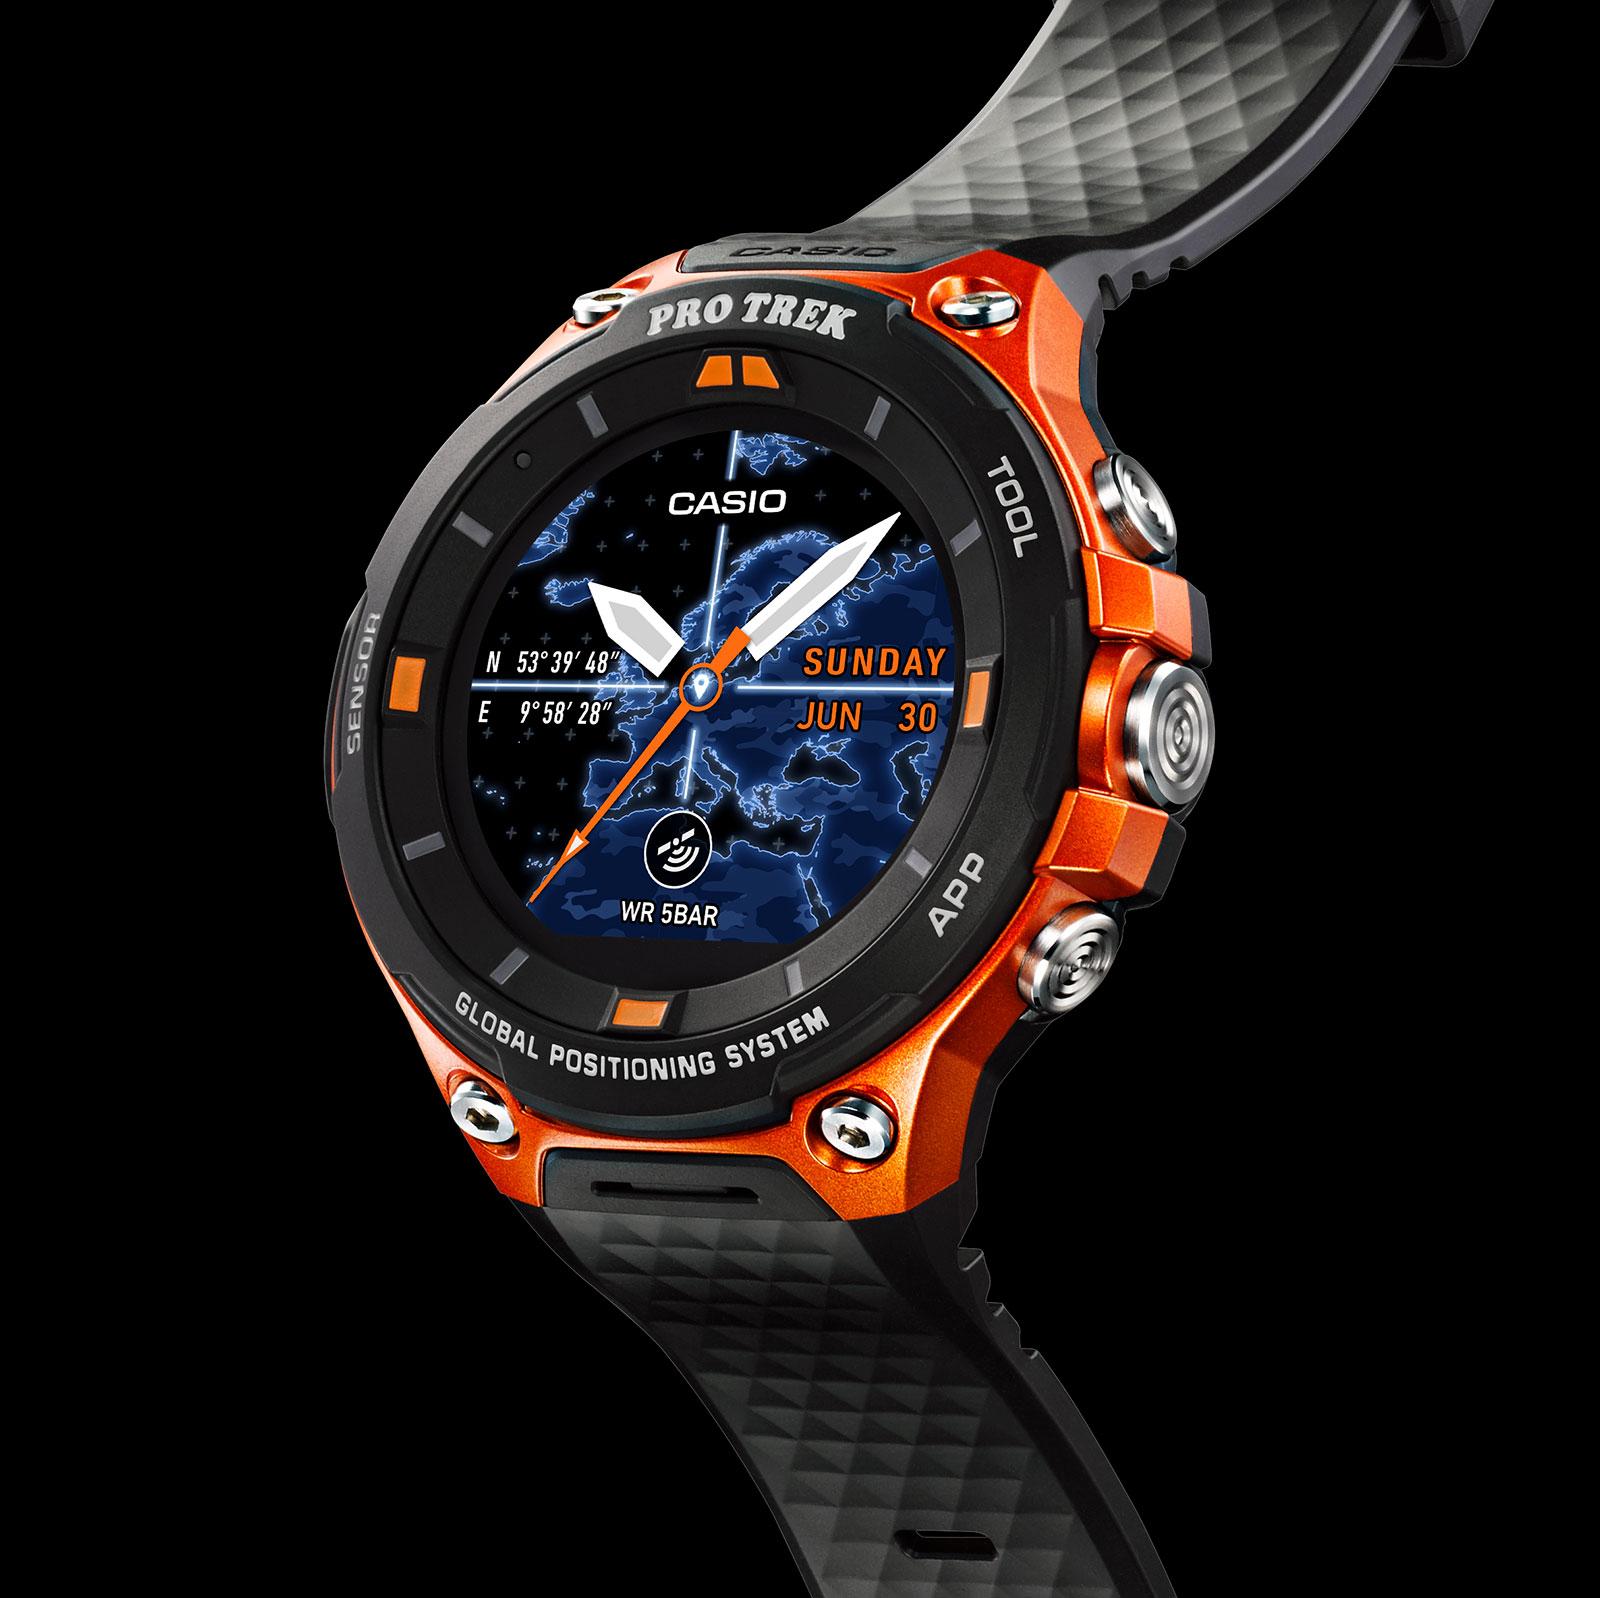 Casio Protrek WSD-F20 Smart Outdoor Watch 6